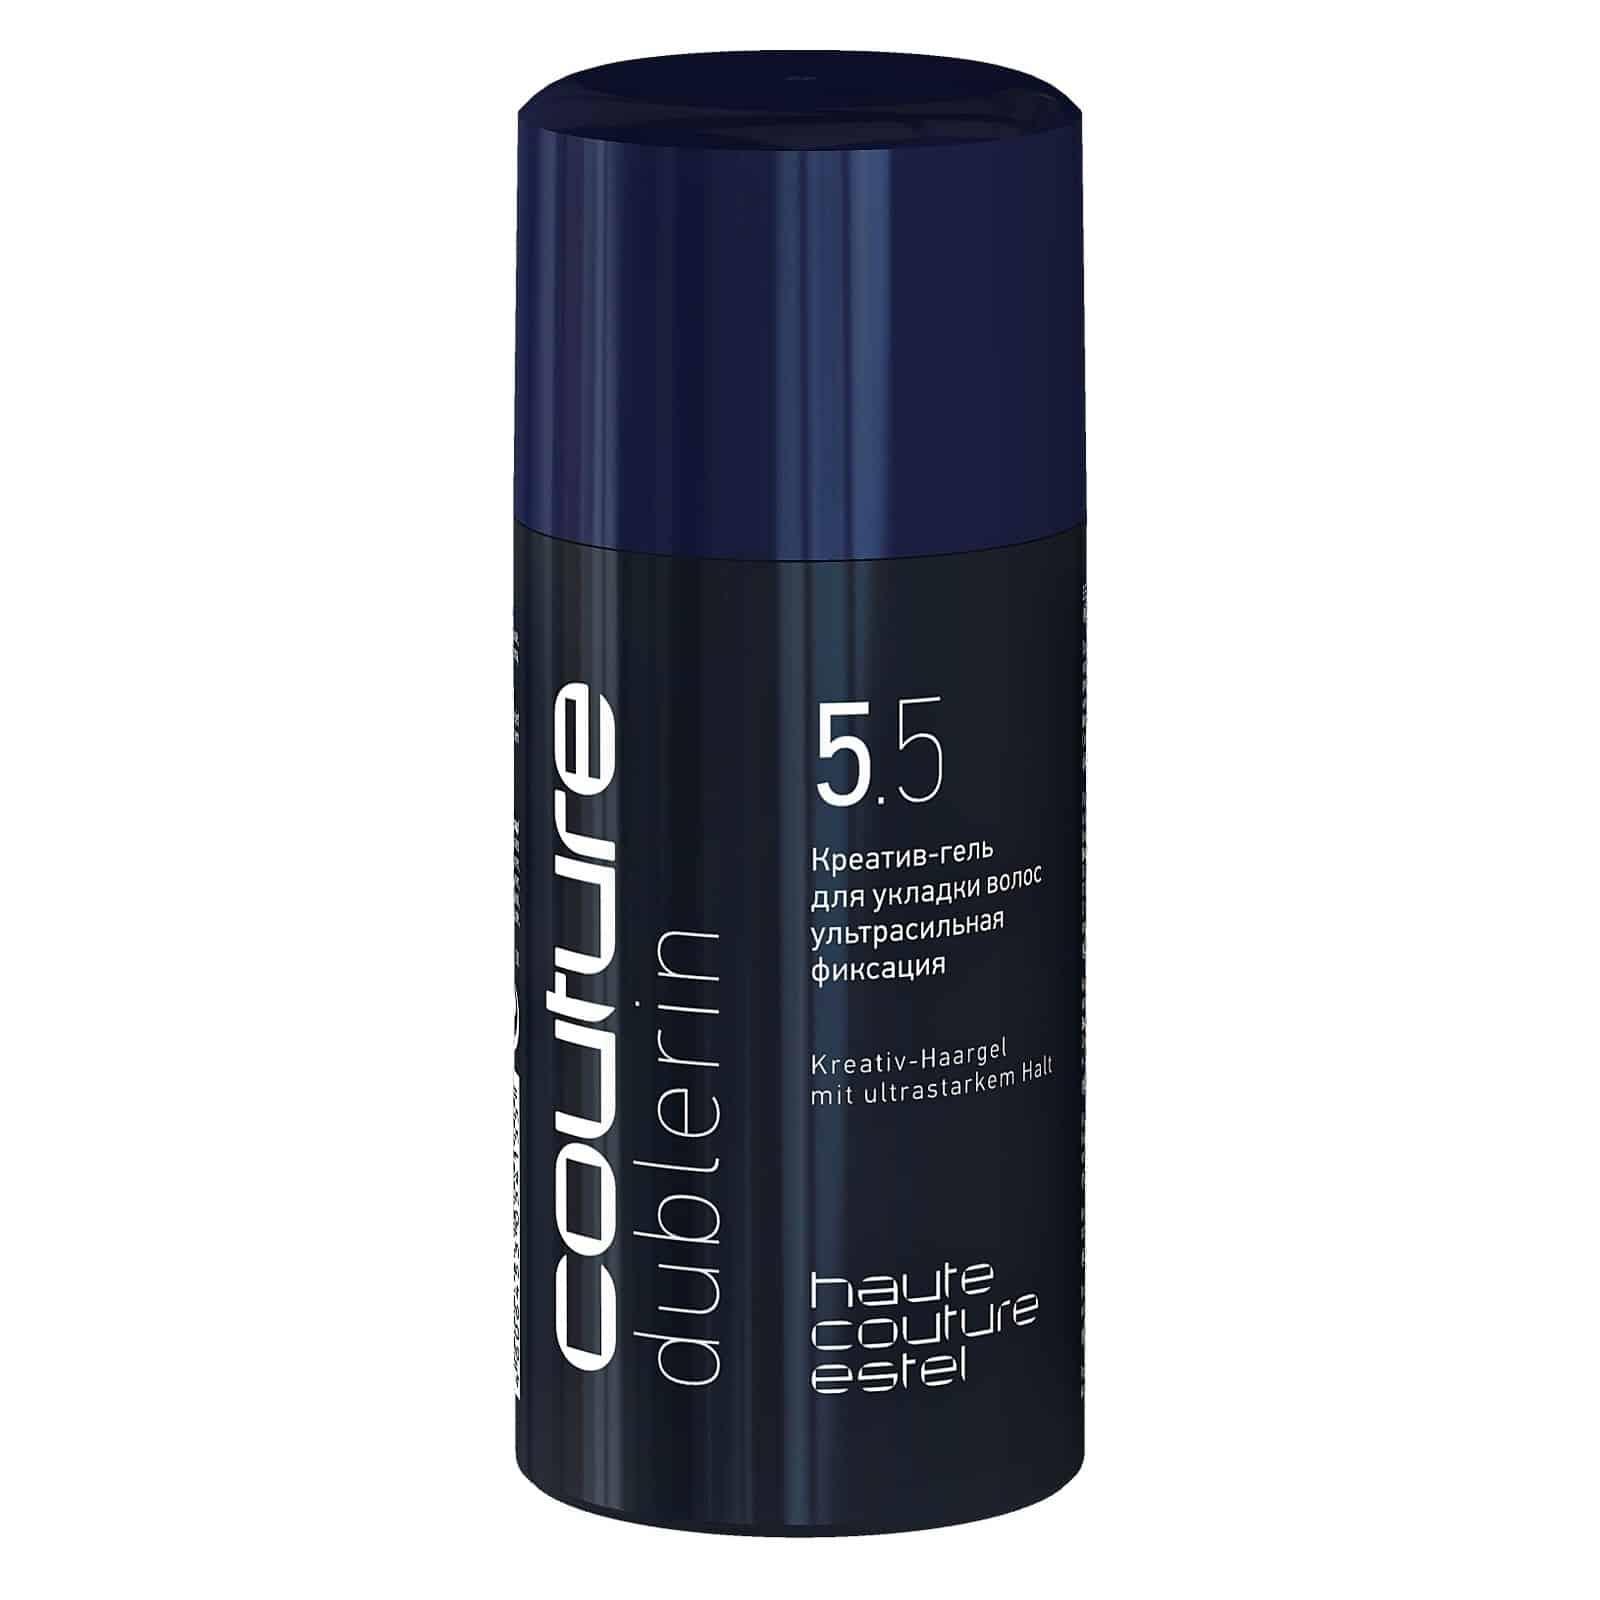 DUBLERIN Kreativ-Haargel für ultra starken Halt - HC 5.5 von ESTEL